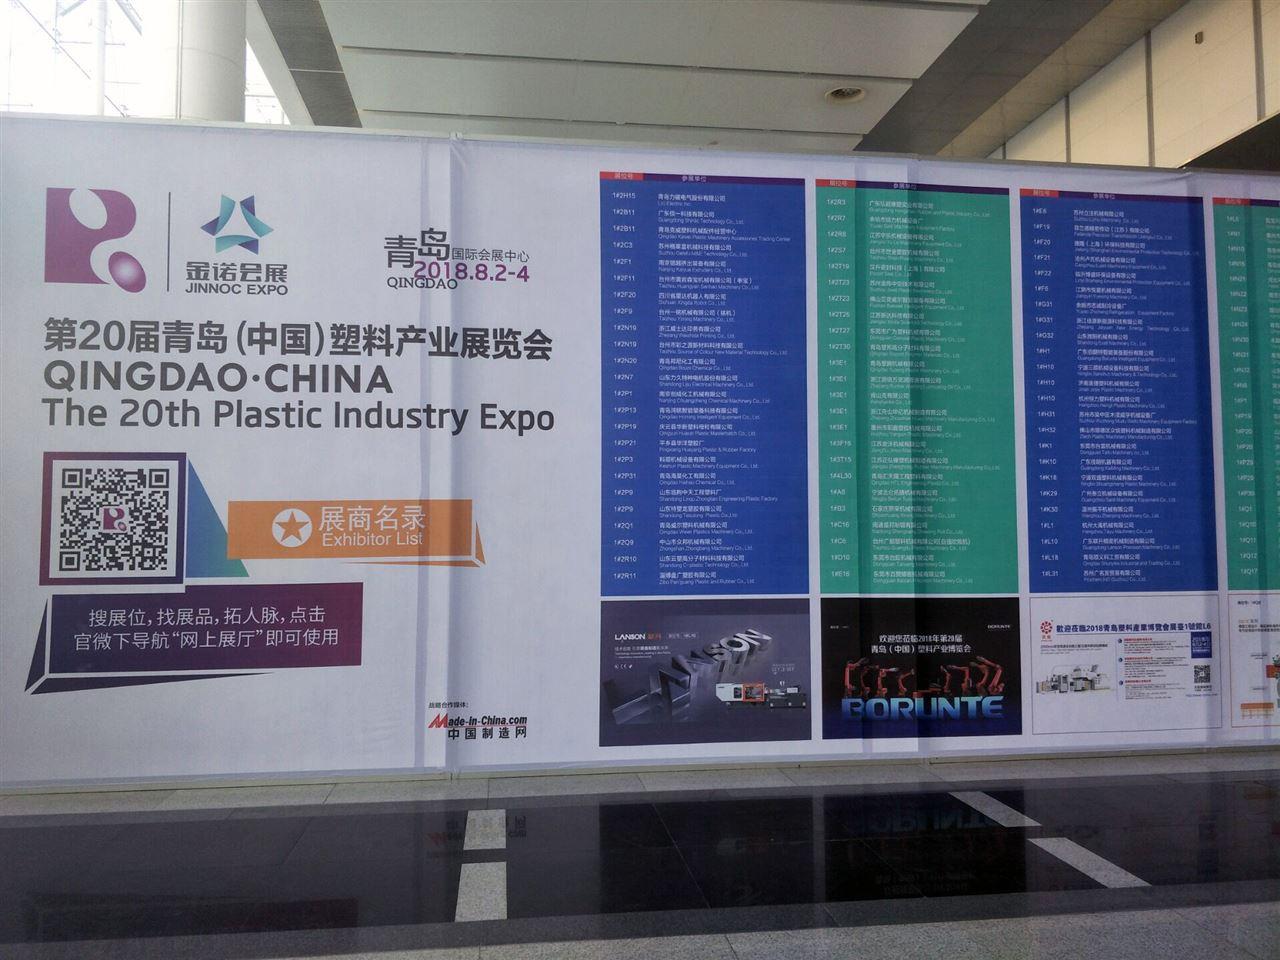 第20屆青島(中國)塑料產業展覽會現場直擊!